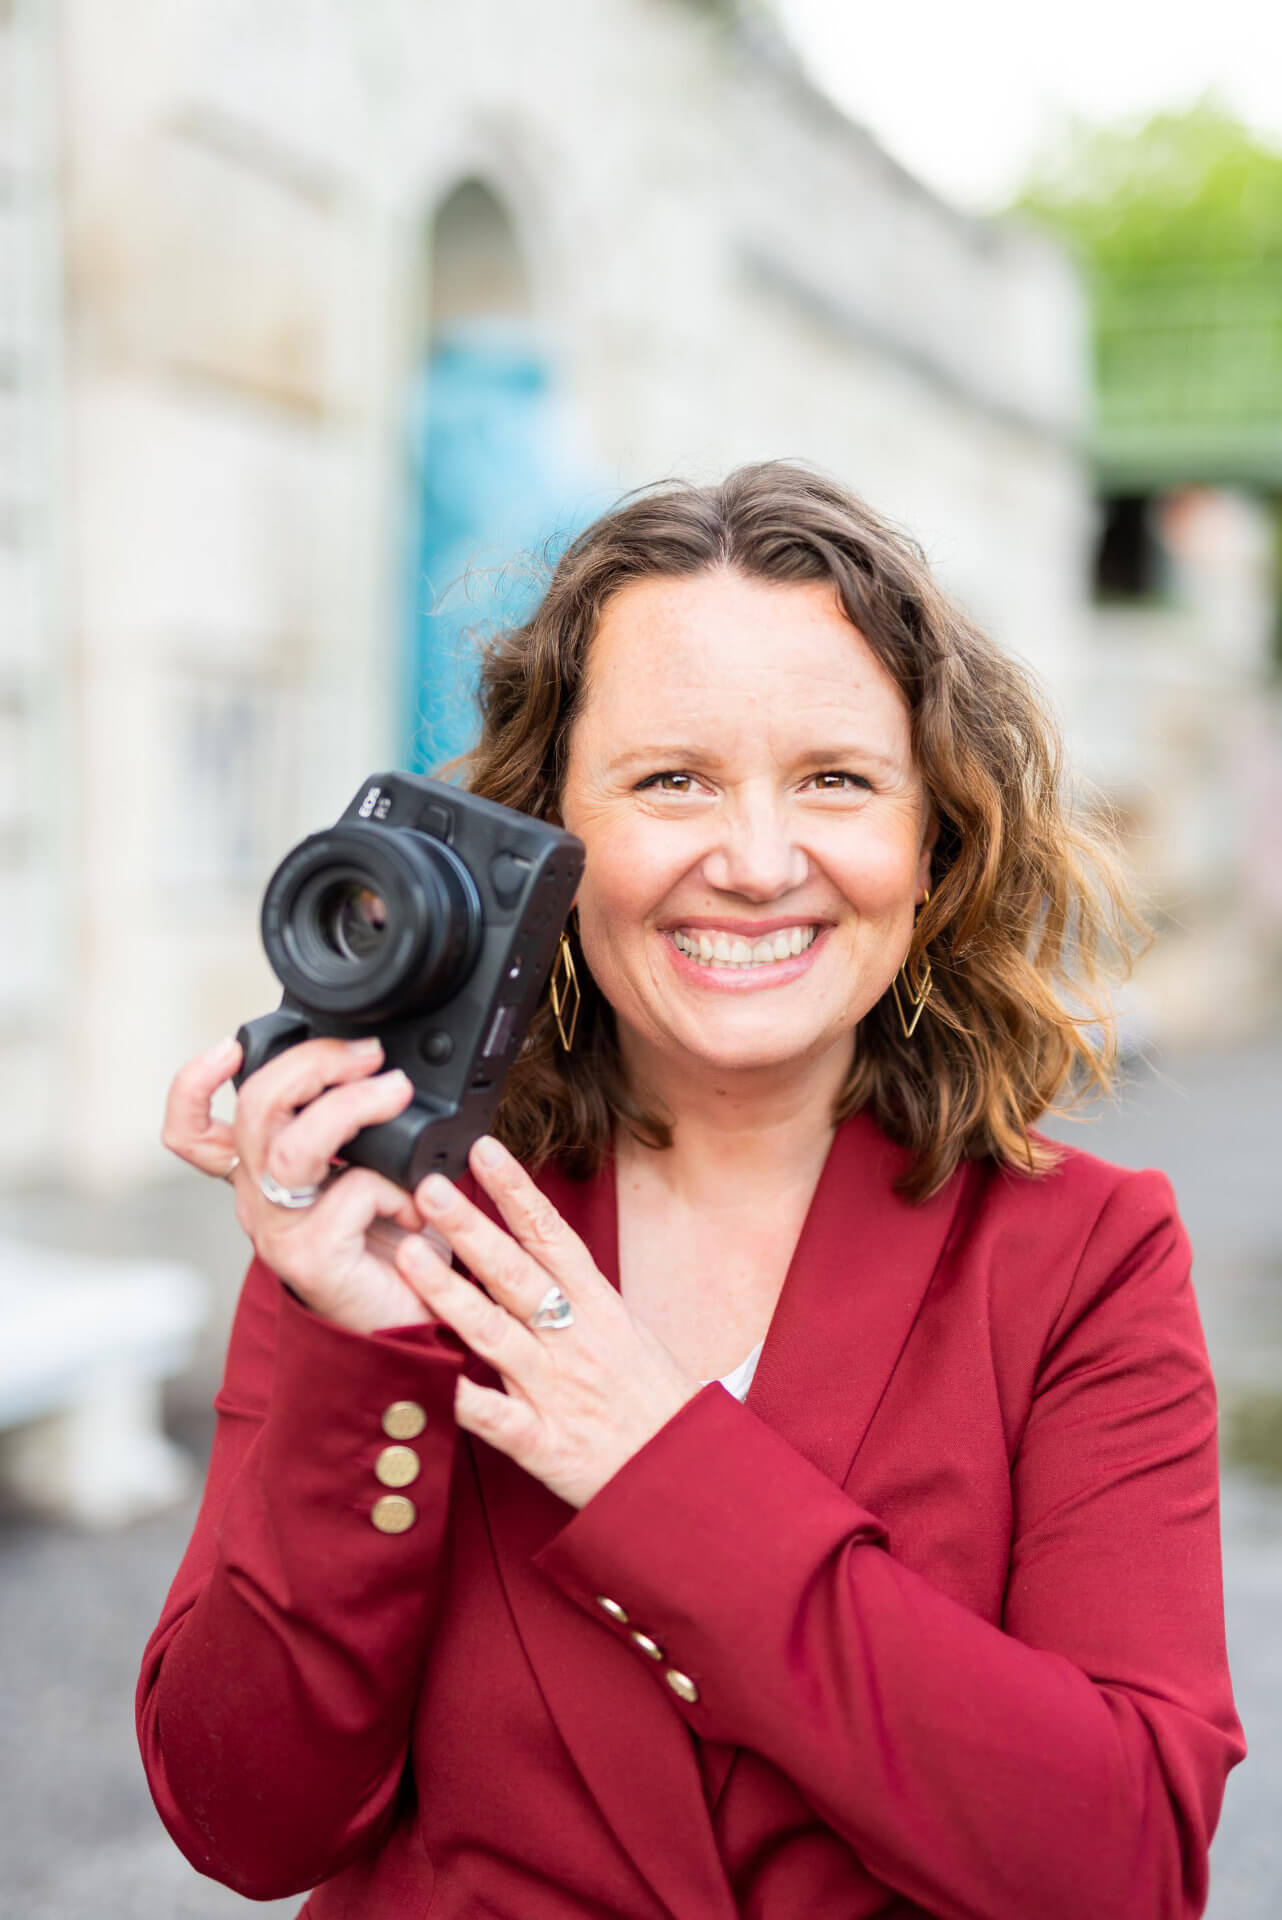 Portrait Photographer for Women